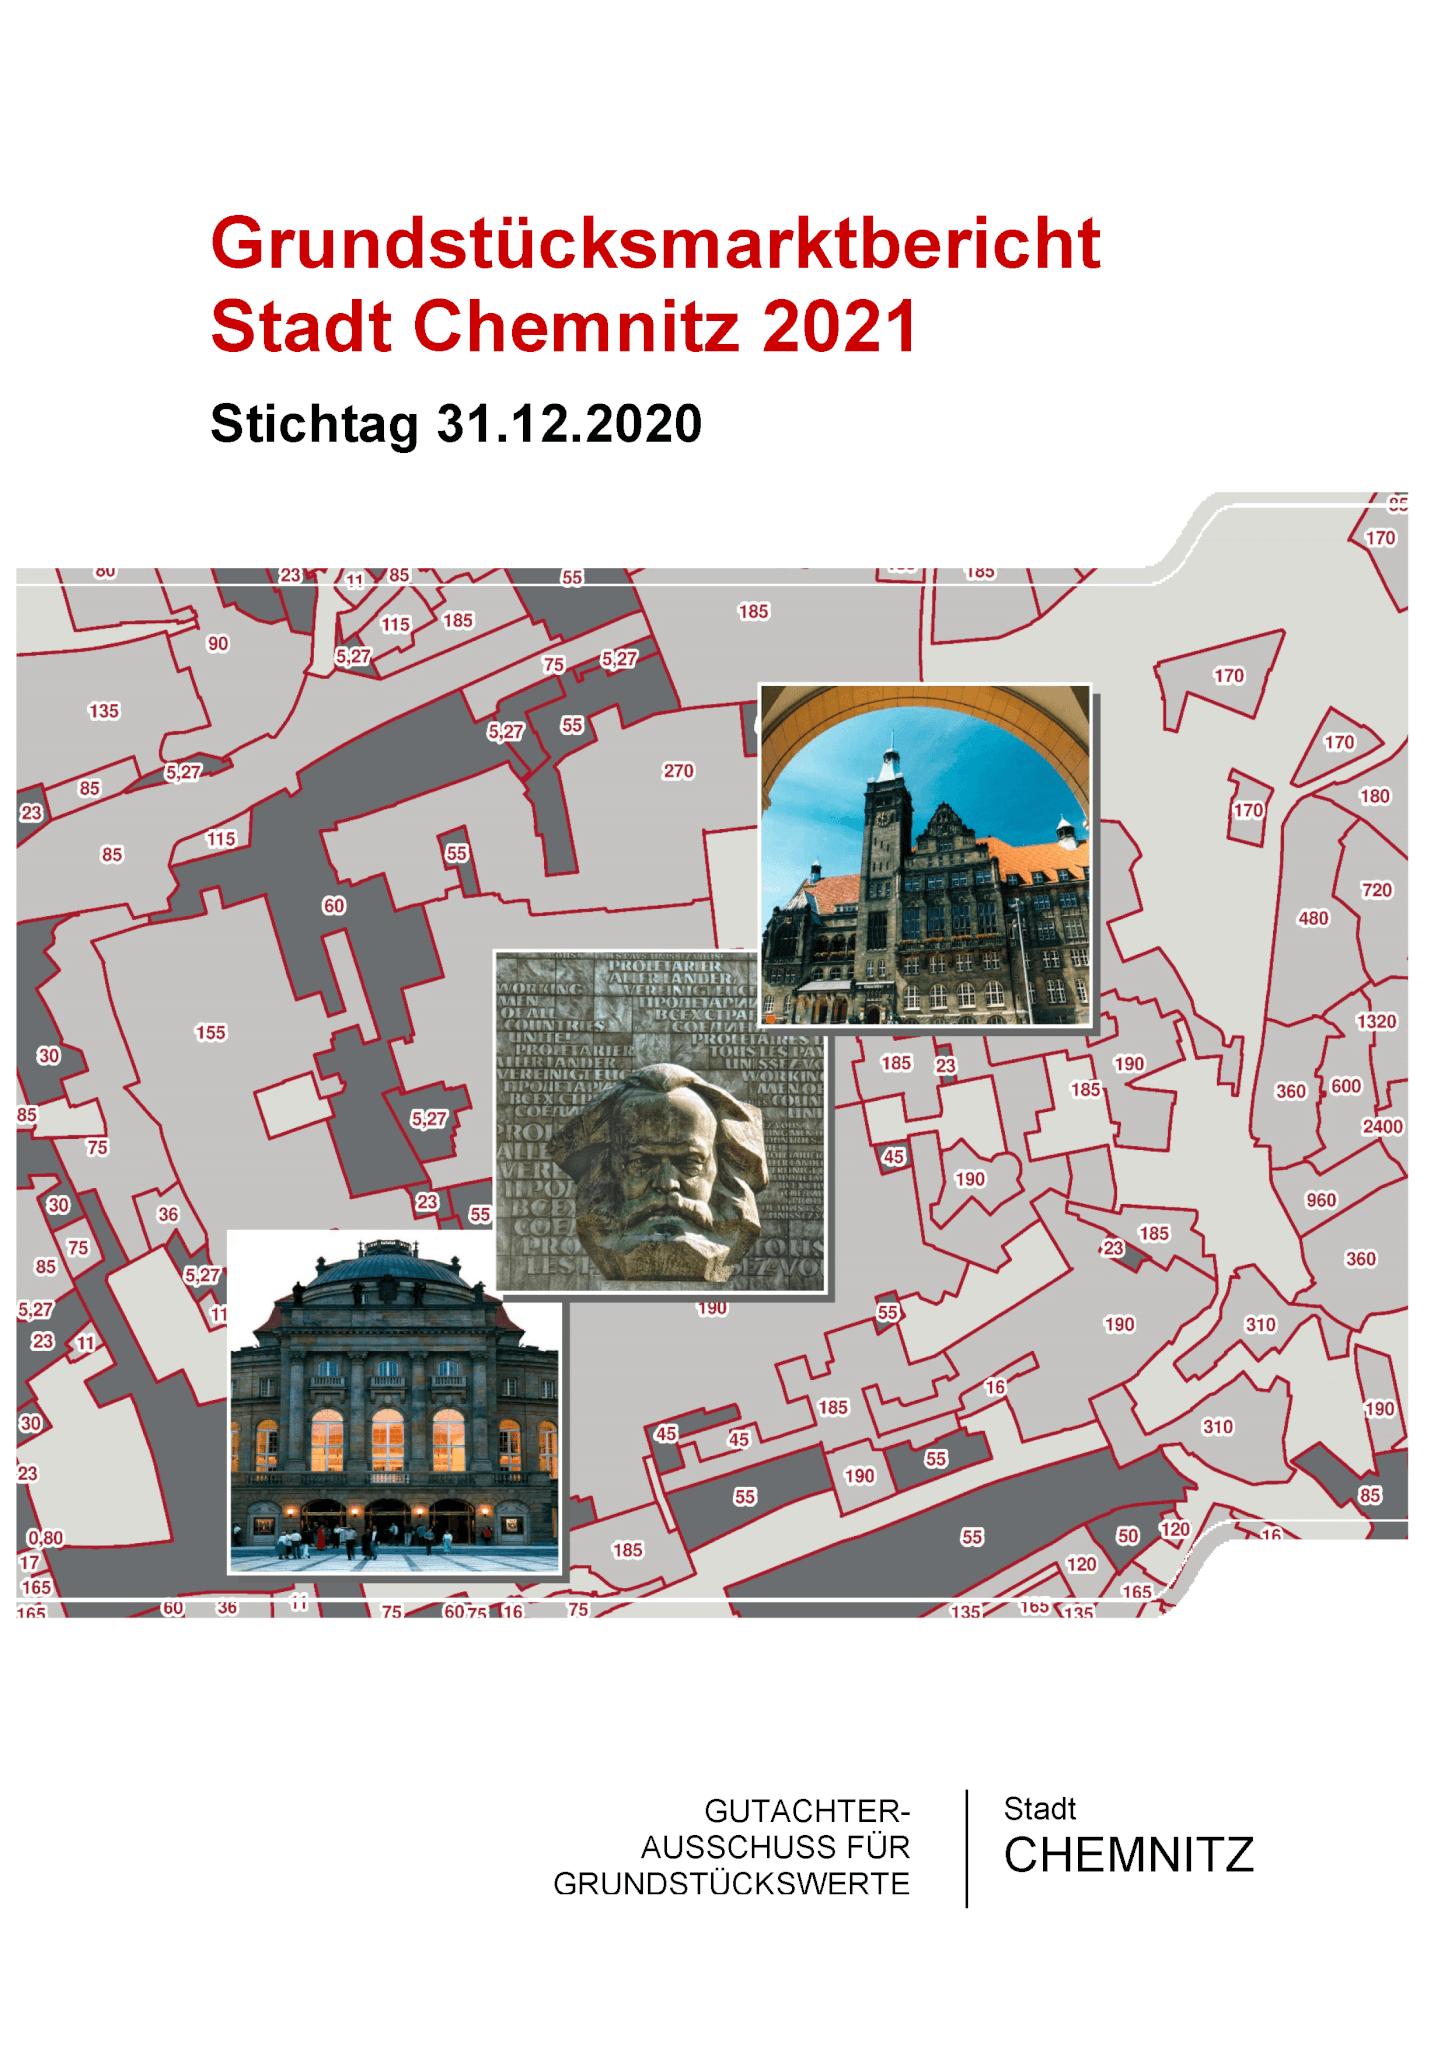 Grundstücksmarktbericht Chemnitz 2021